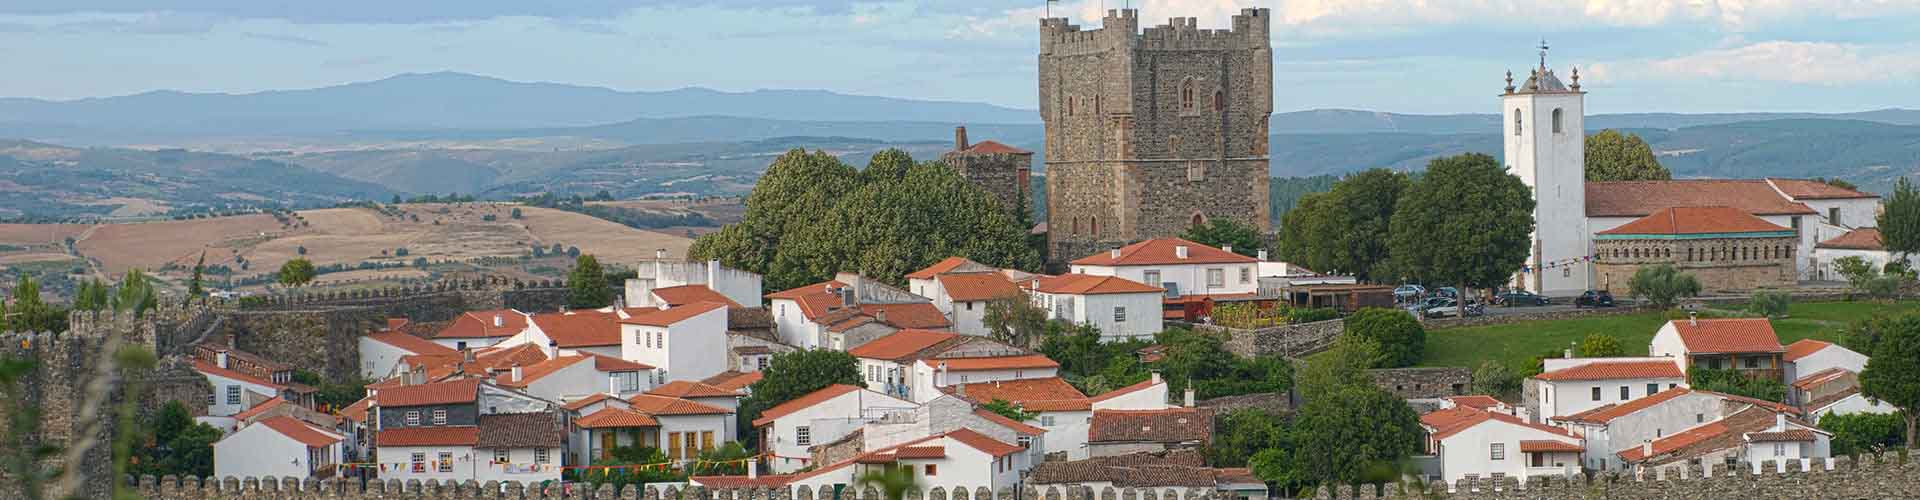 Bragança - Hostales en Bragança. Mapas de Bragança, Fotos y comentarios de cada Hostal en Bragança.